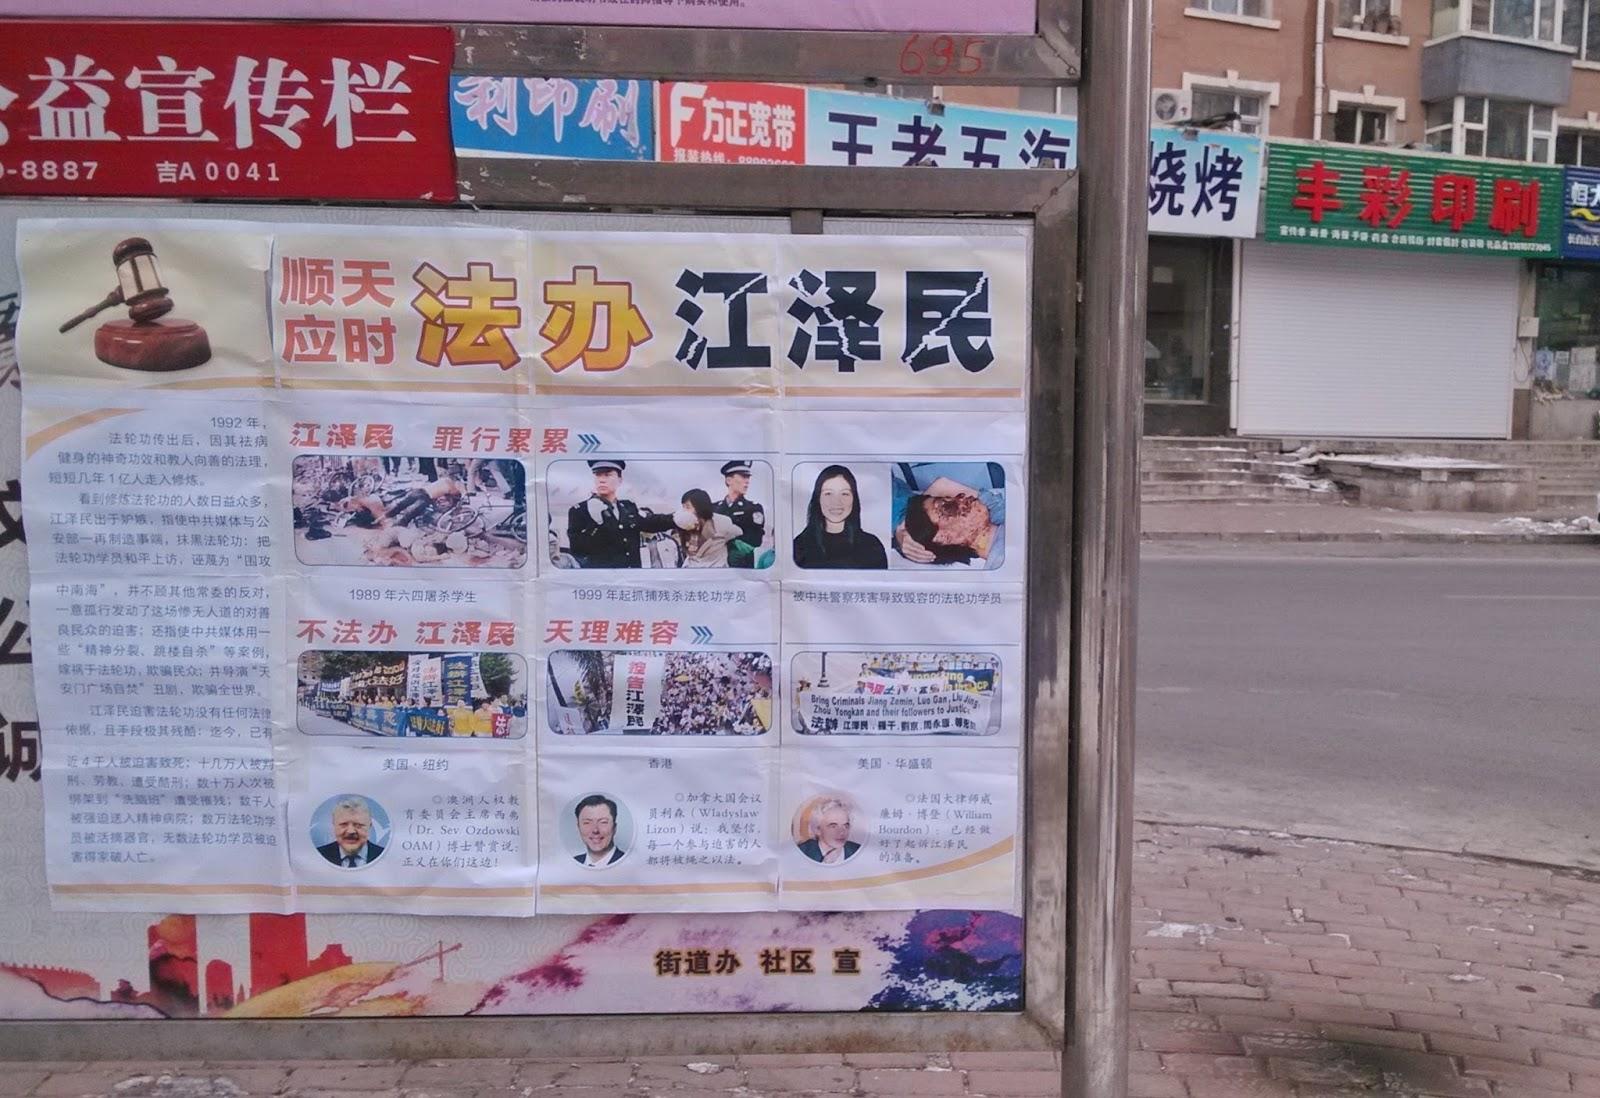 2015-11-28-minghui-changchun-sujiang-posters-16.jpg